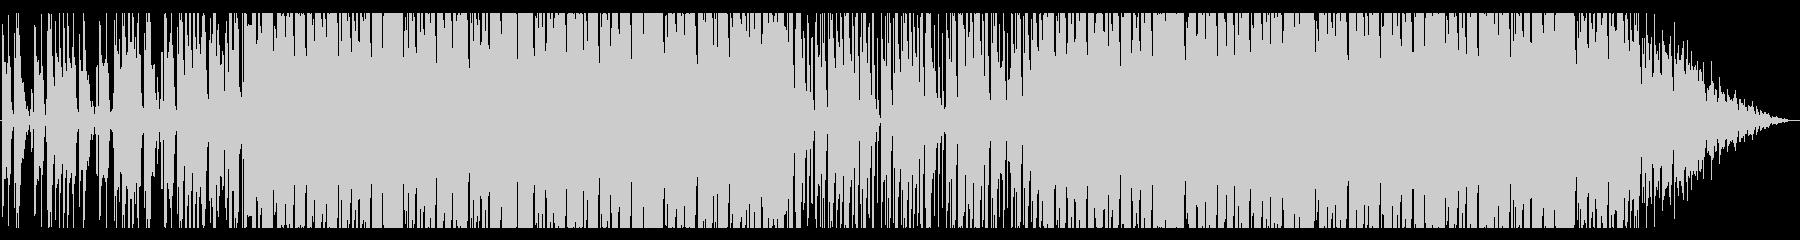 騒がしいエレクトロスイング_No380の未再生の波形